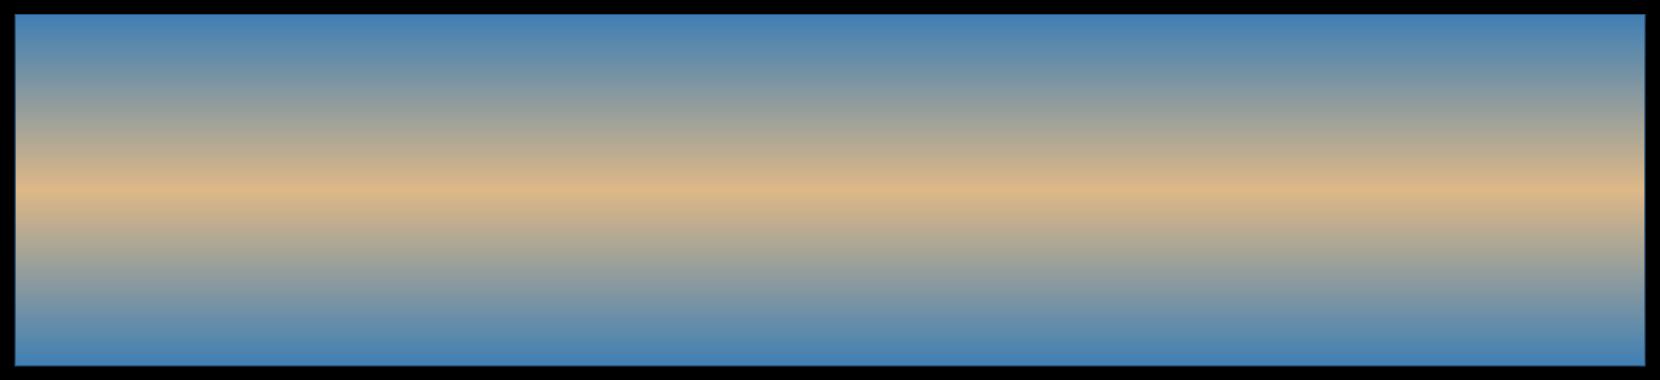 образец заполнения заявления р14001 при смене оквэд